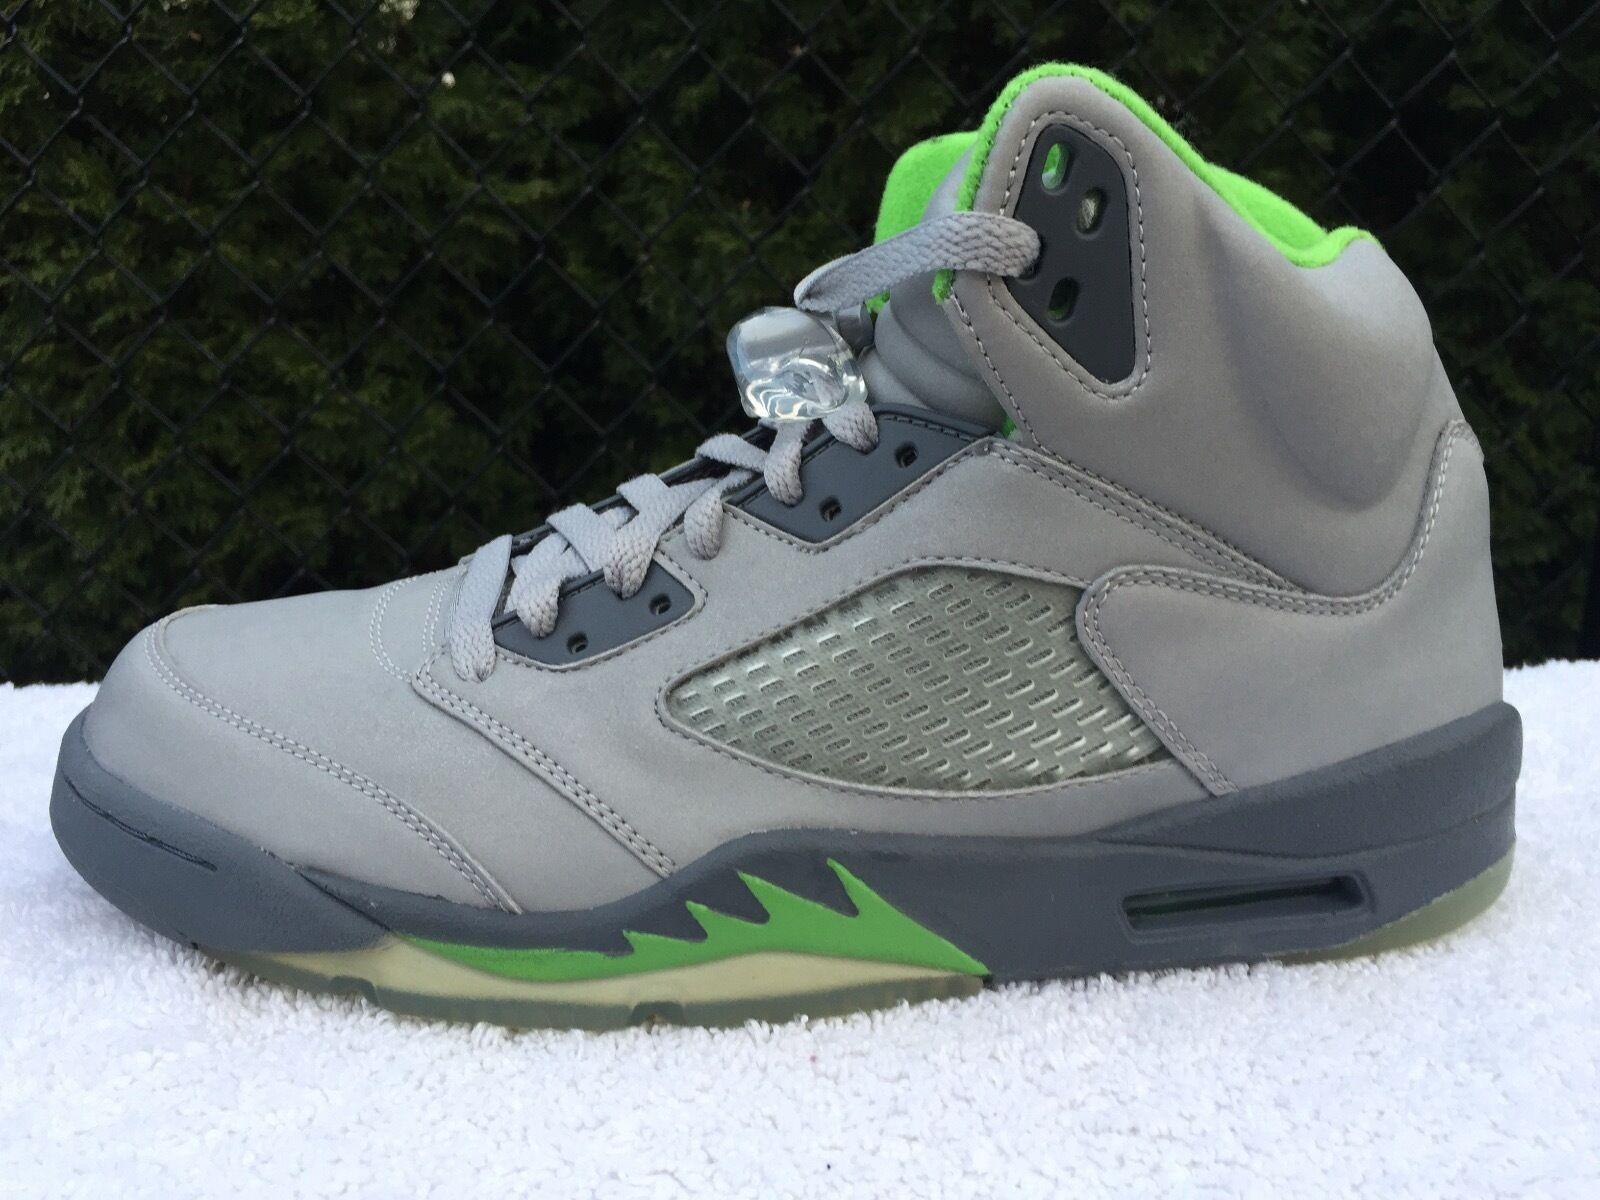 2006 Nike Air Jordan Retro V 5 Green Bean DEADSTOCK Size 10.5 -136027-031